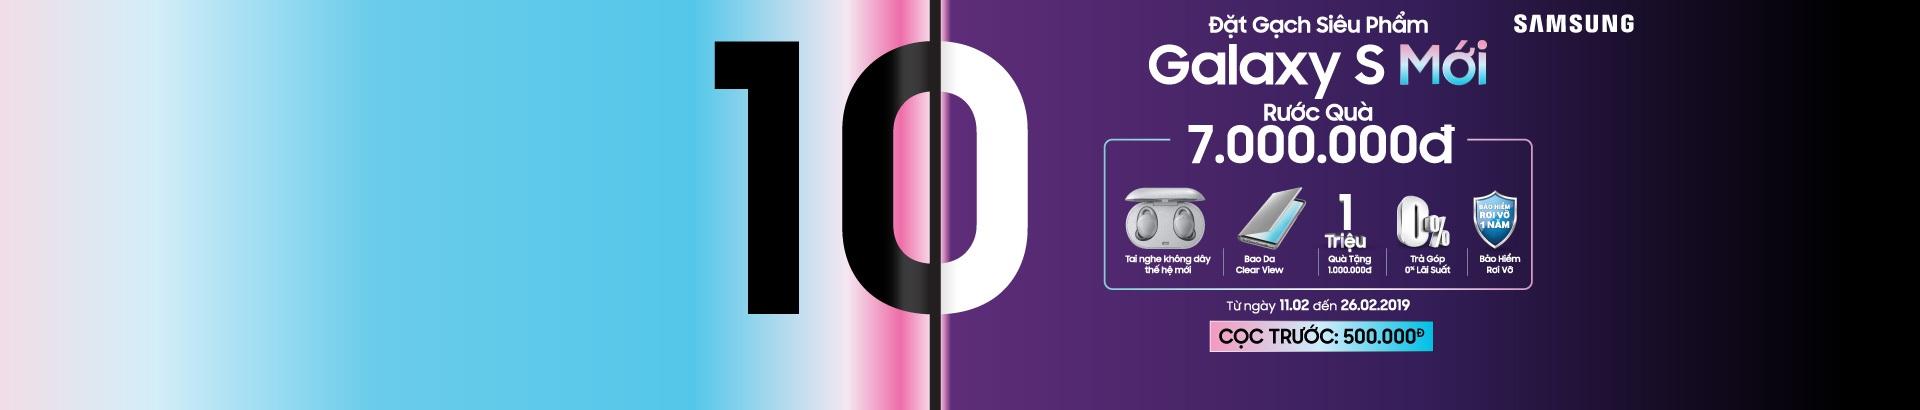 Đặt gạch Galaxy S mới - Rước quà 7 Triệu đồng